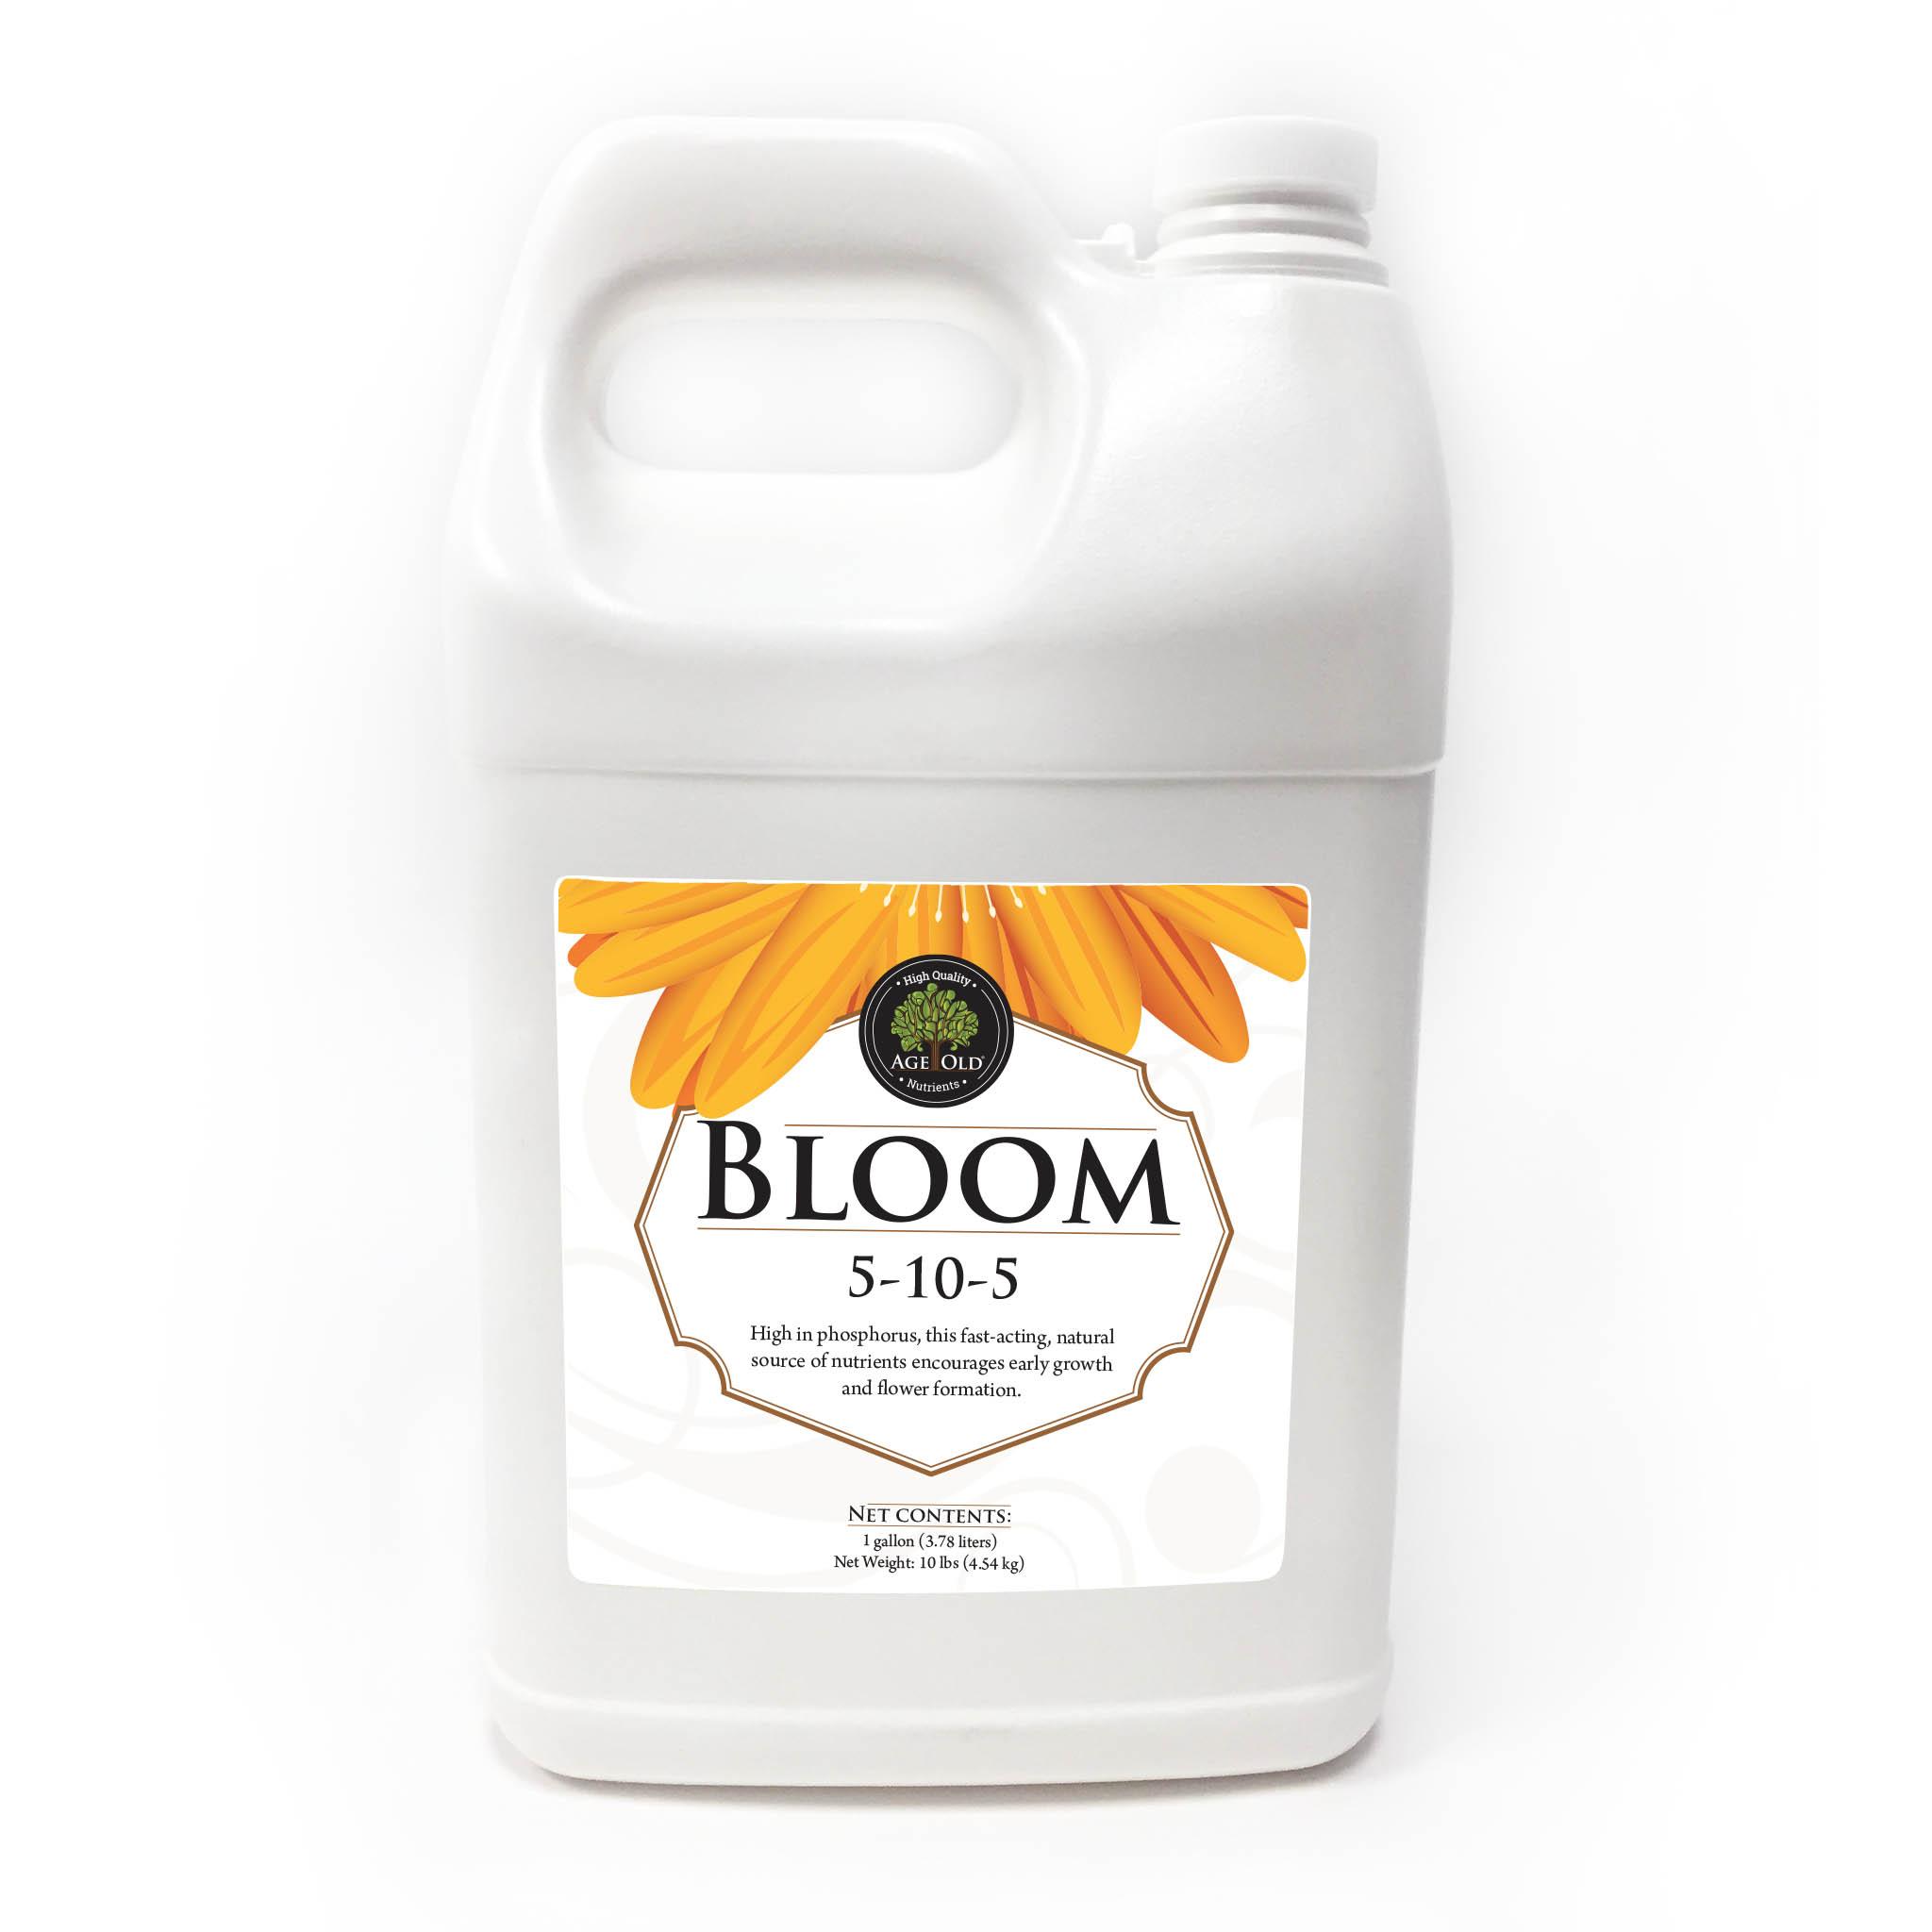 bottle of Bloom